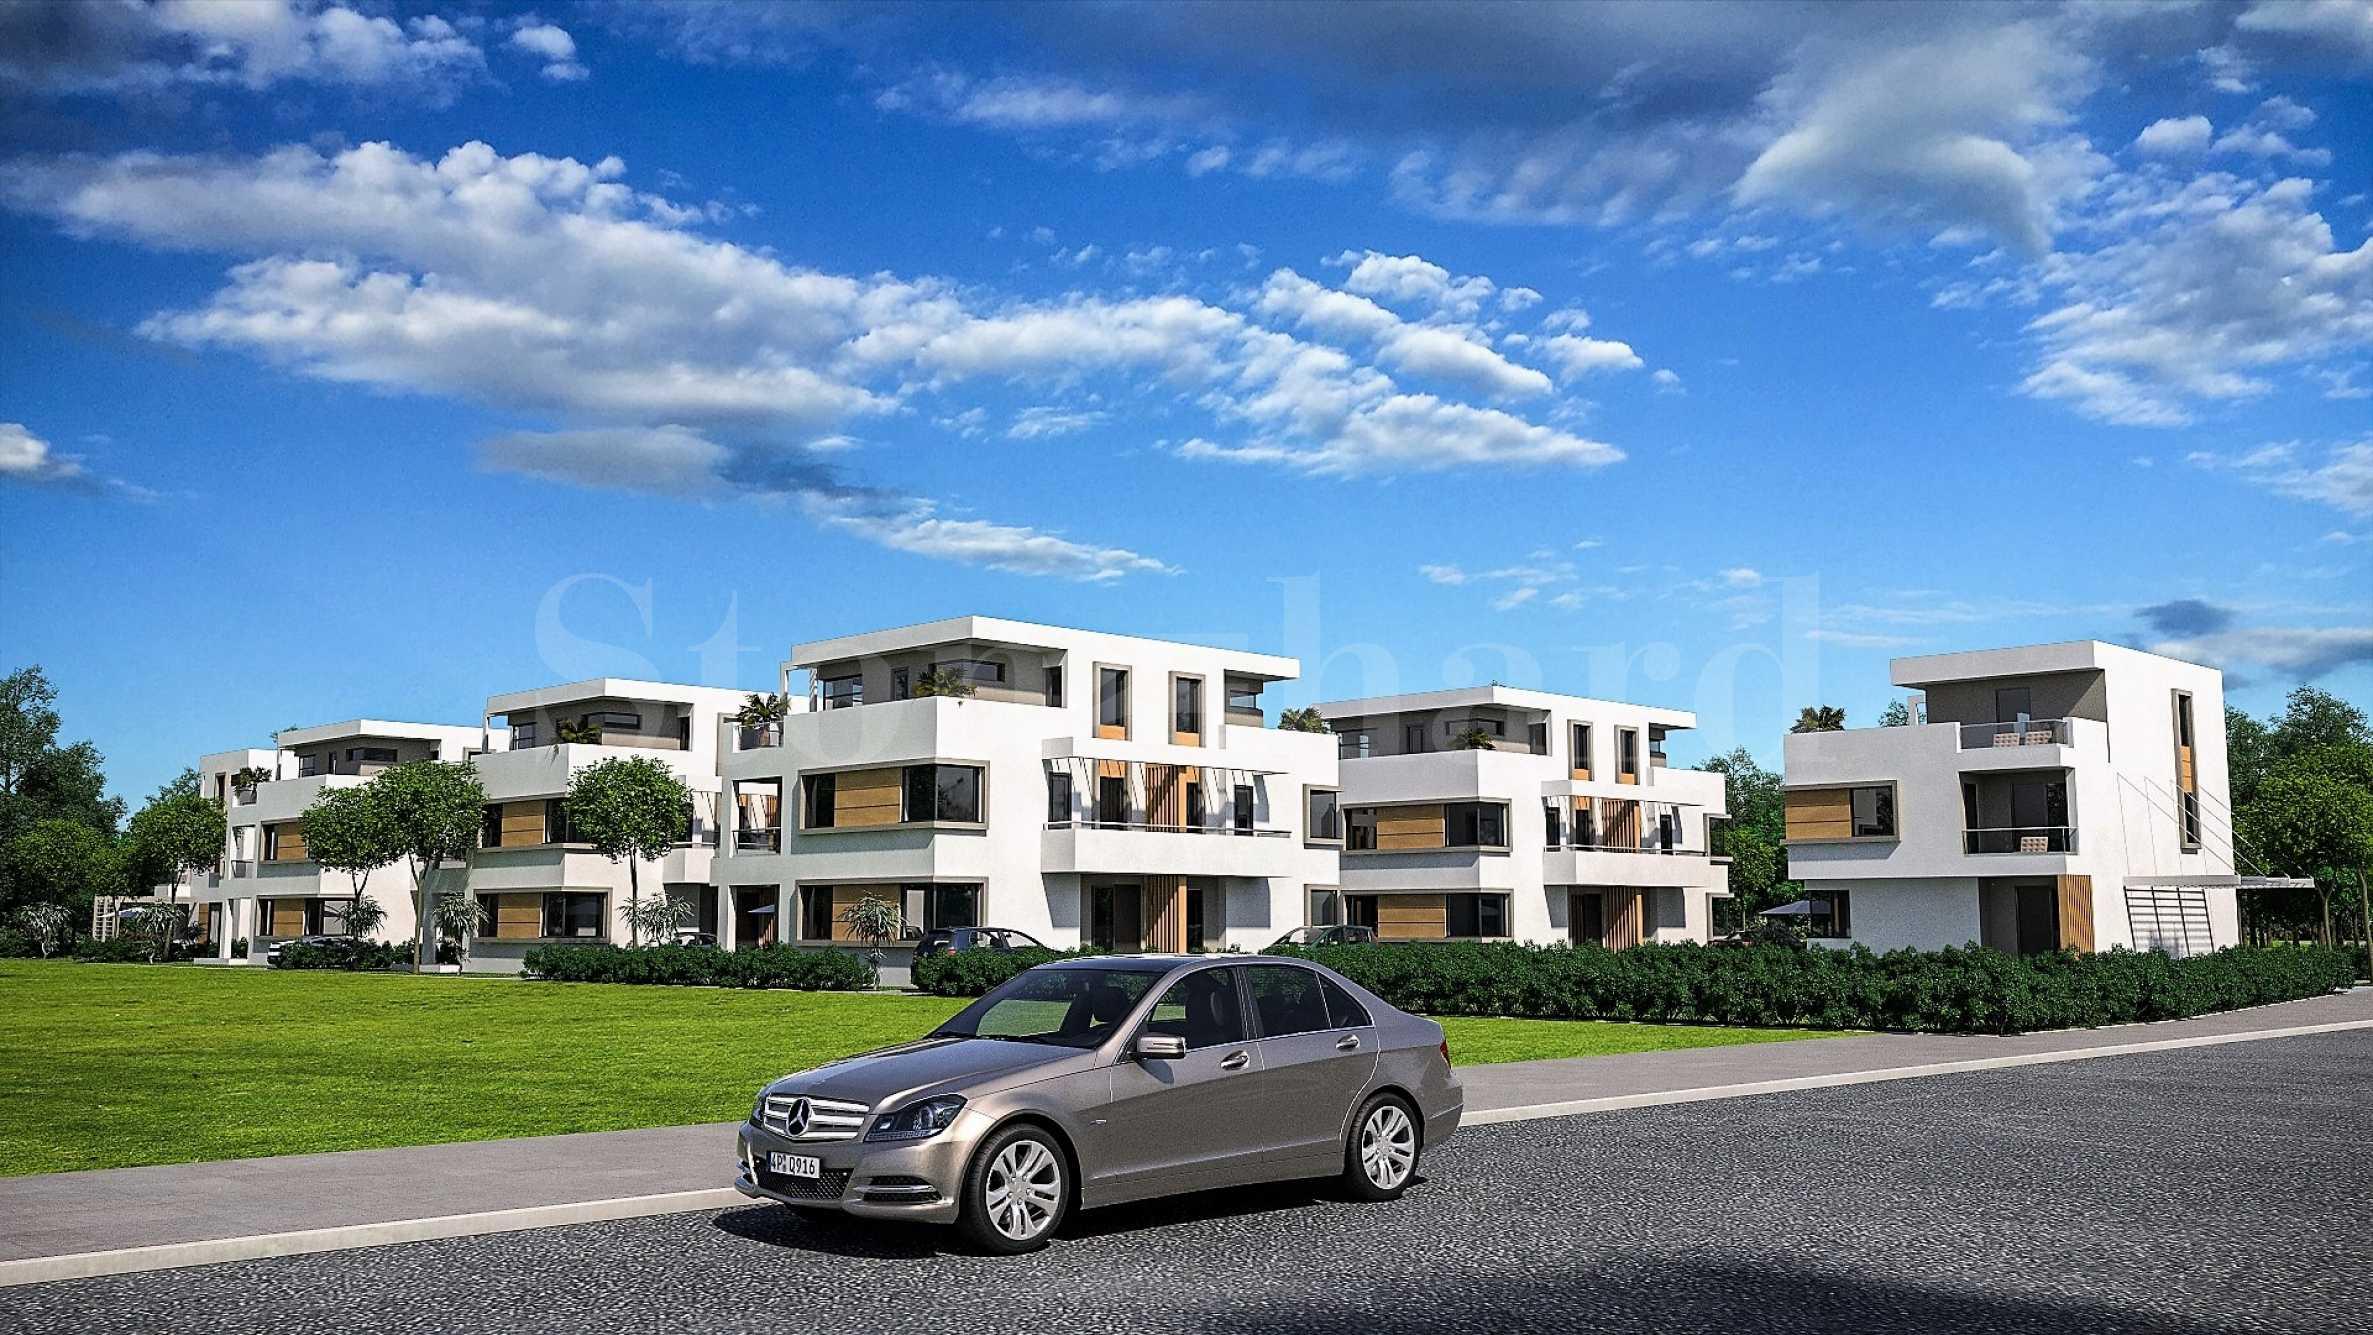 Модерни къщи с градини и паркоместа в елитния район на Сарафово1 - Stonehard